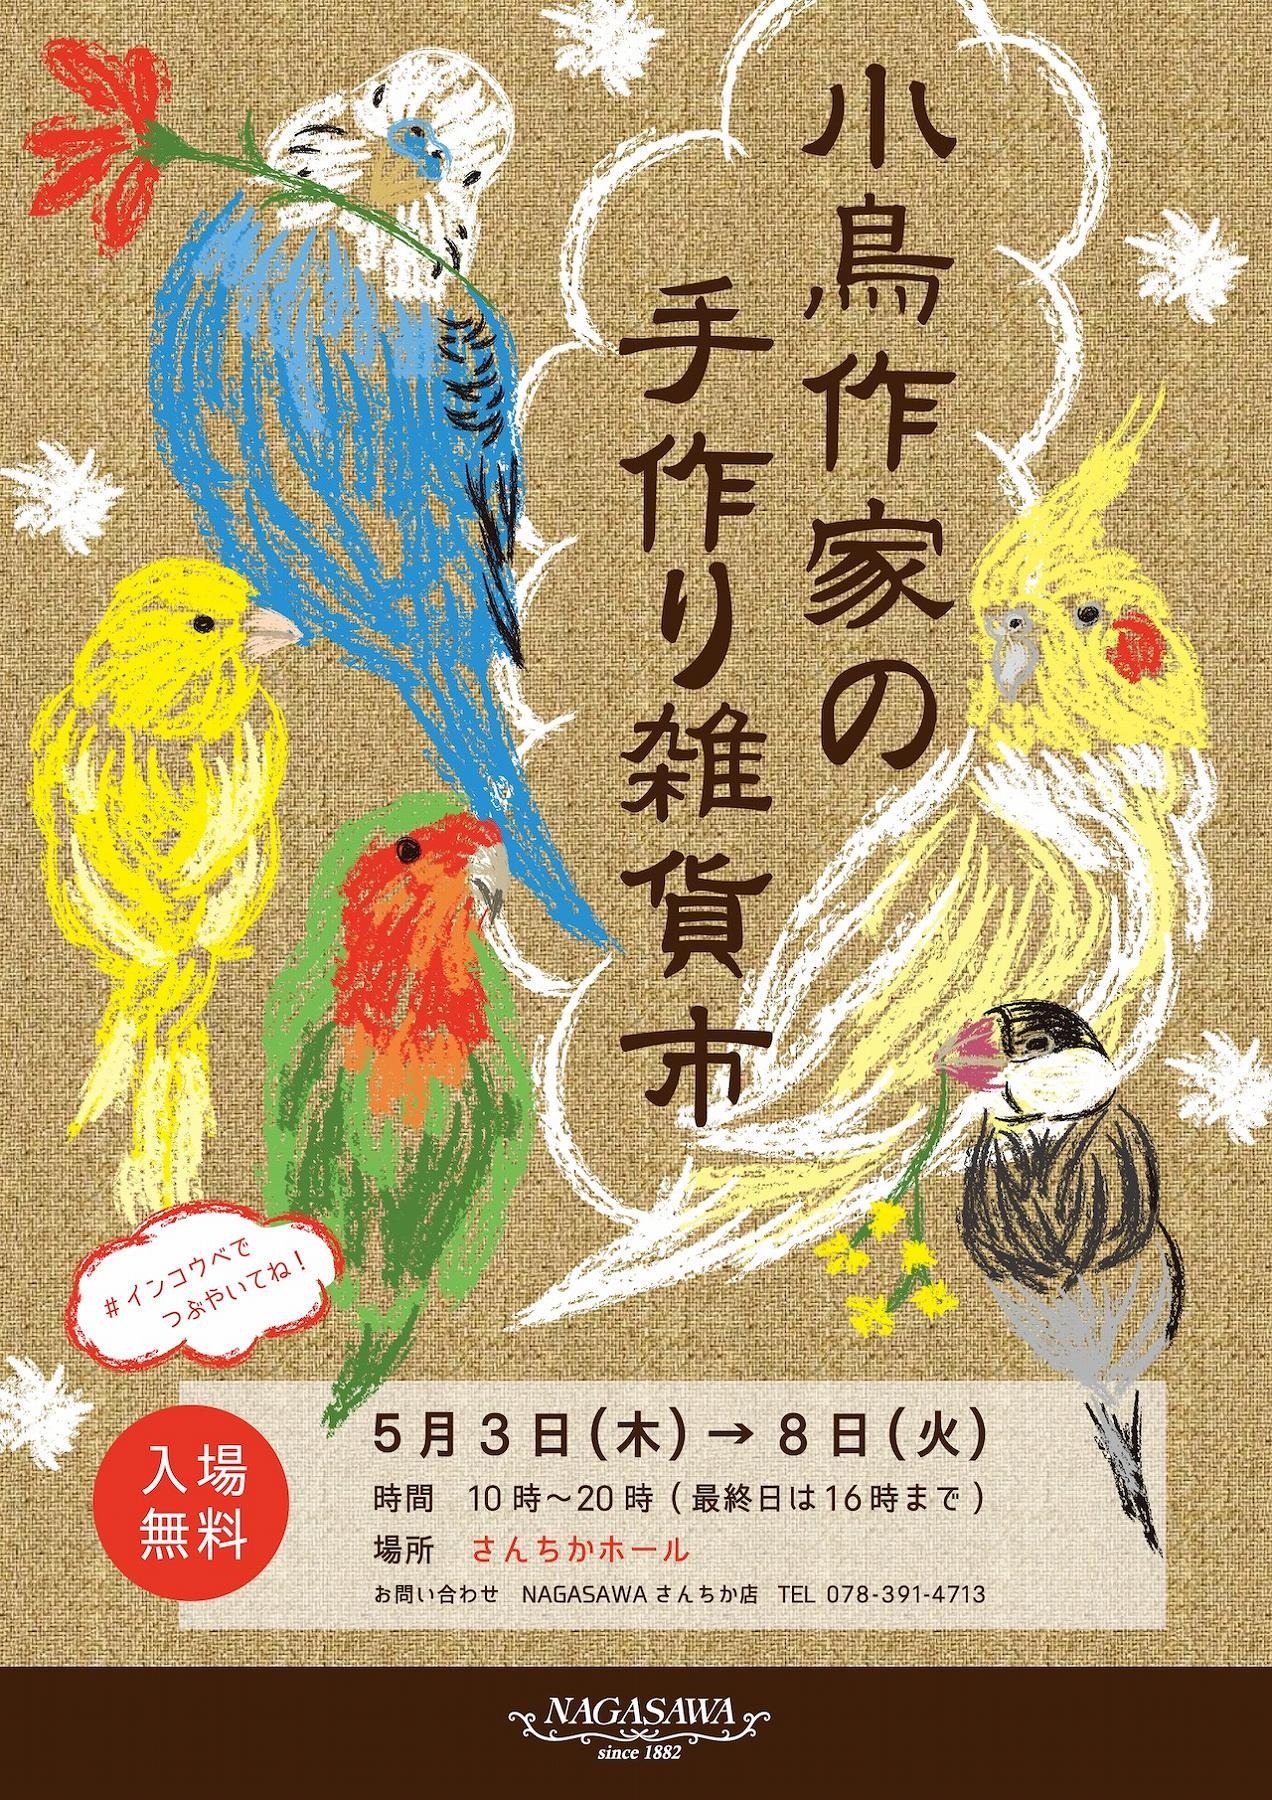 「小鳥作家の手作り雑貨市」が神戸・さんちかホールで5月3日~8日まで開催されるよ! #インコウベ #小鳥作家の手作り雑貨市 #ナガサワ文具